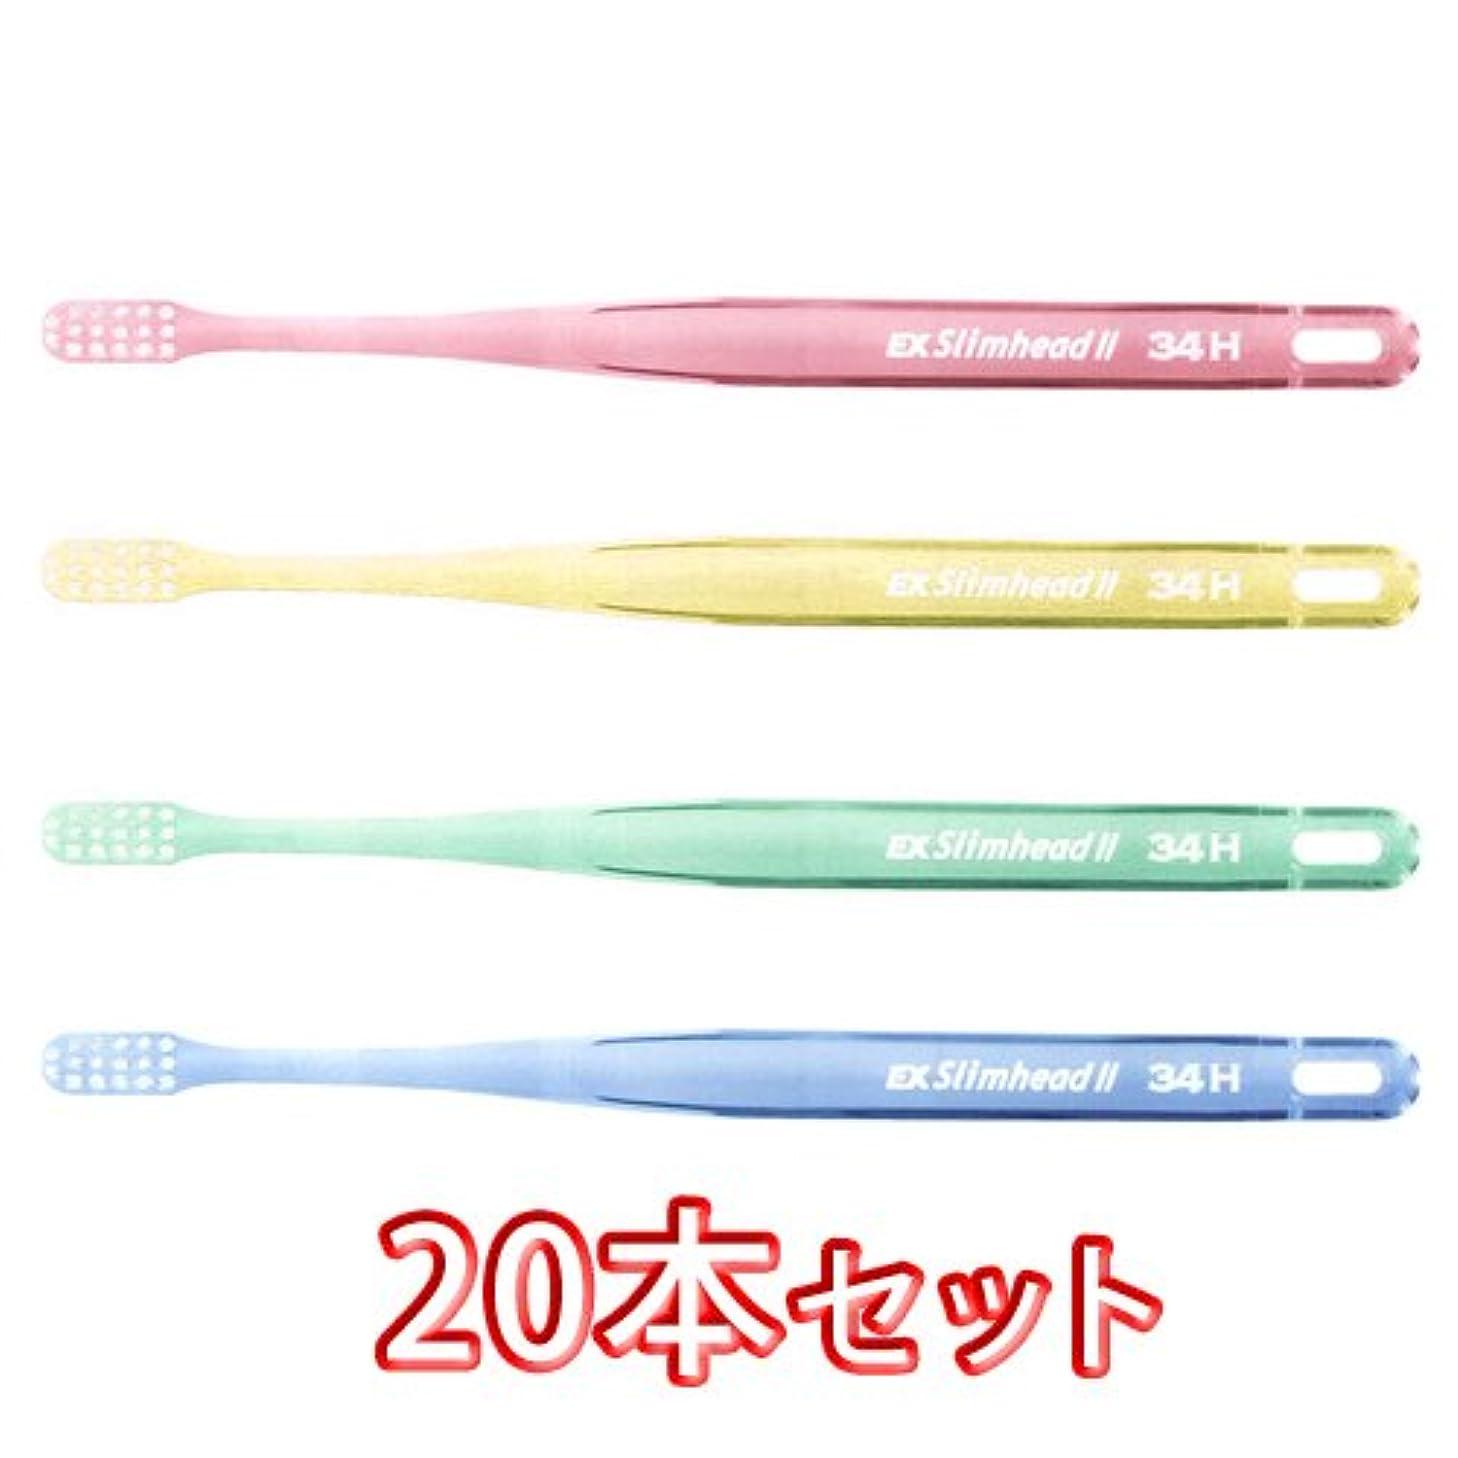 睡眠モディッシュ鉄道ライオン スリムヘッド2 歯ブラシ DENT . EX Slimhead2 20本入 (34H)